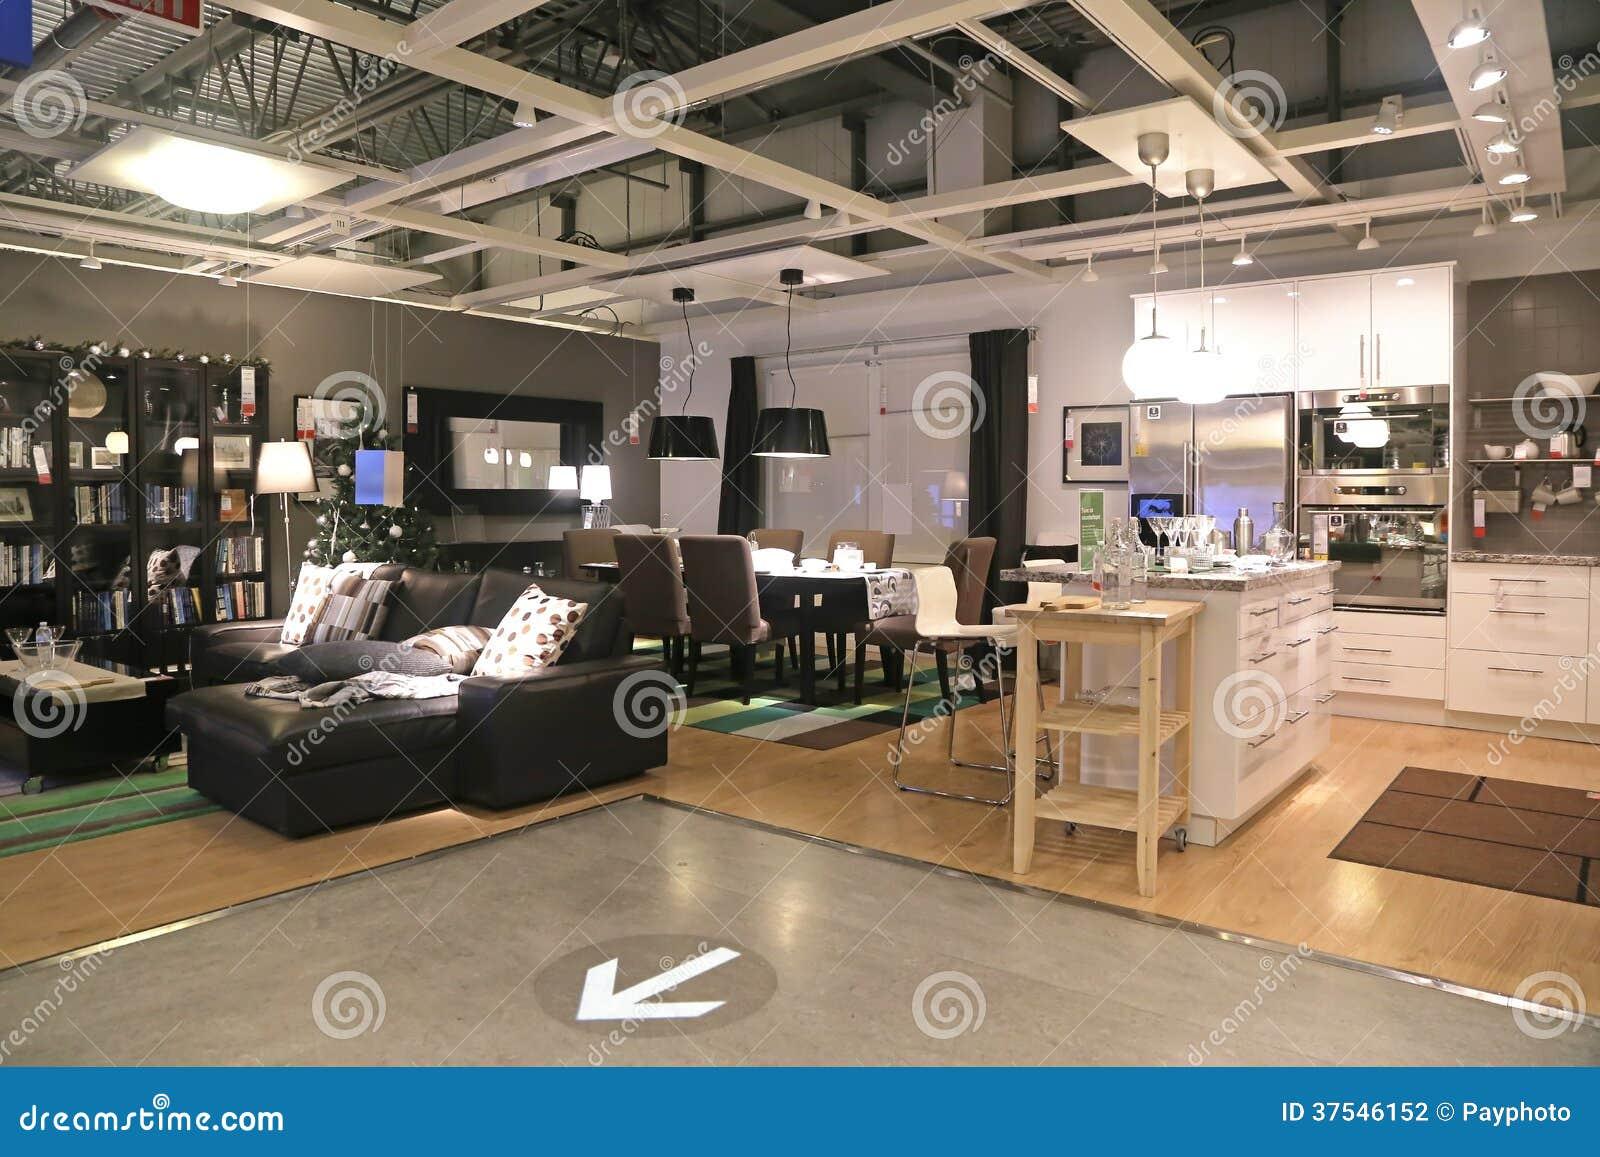 montrez la pi ce l 39 int rieur du magasin d 39 ikea photographie ditorial image 37546152. Black Bedroom Furniture Sets. Home Design Ideas